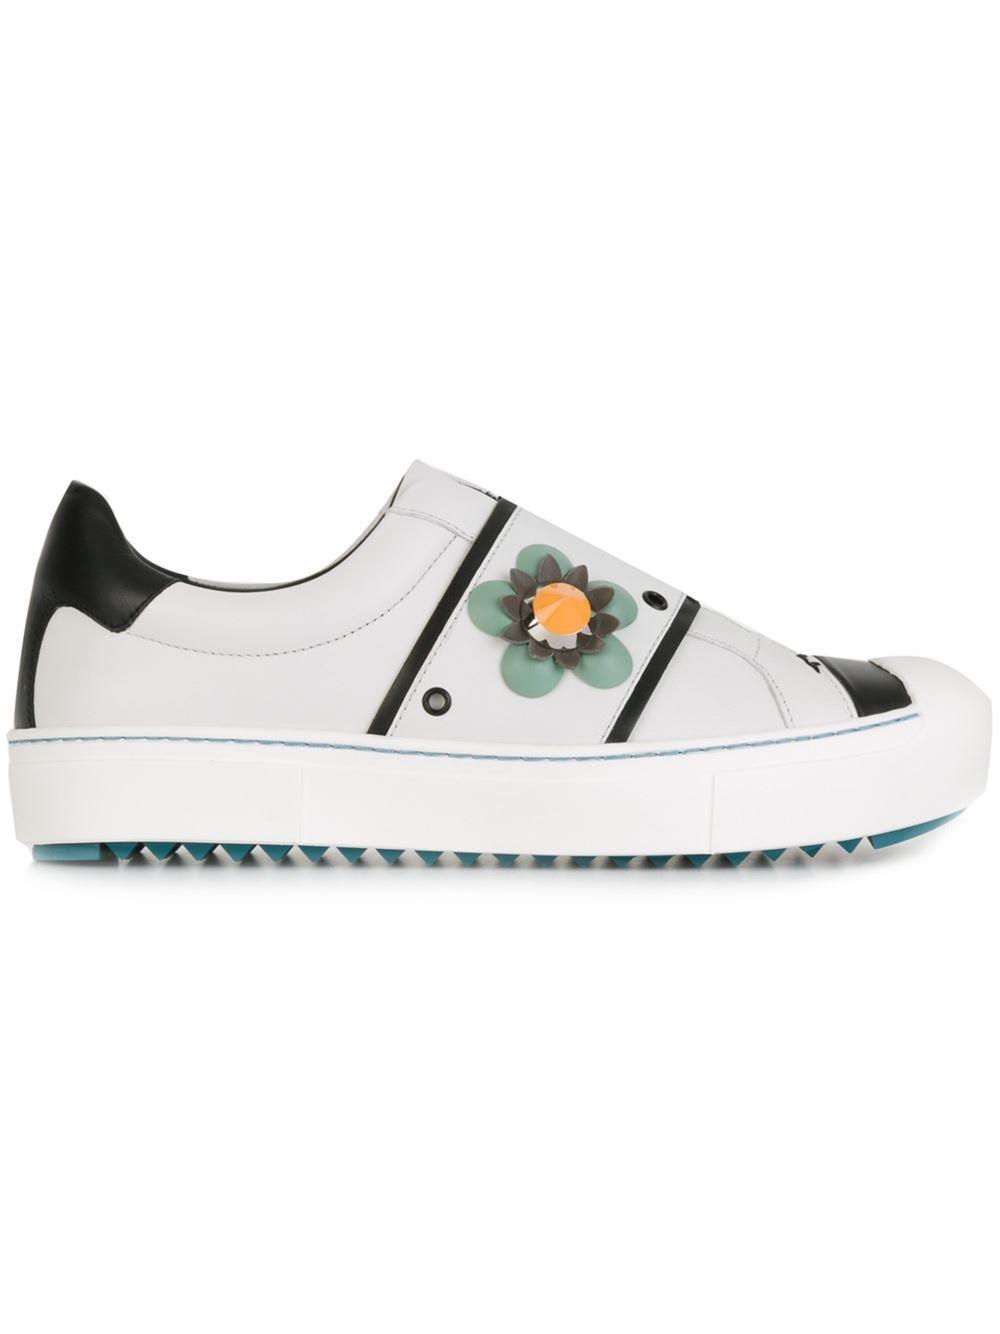 Zapatillas Fendi Fendi Fendi flor resbalón en  700 Mujer Zapatos 100% autentich g7wus  Entrega directa y rápida de fábrica